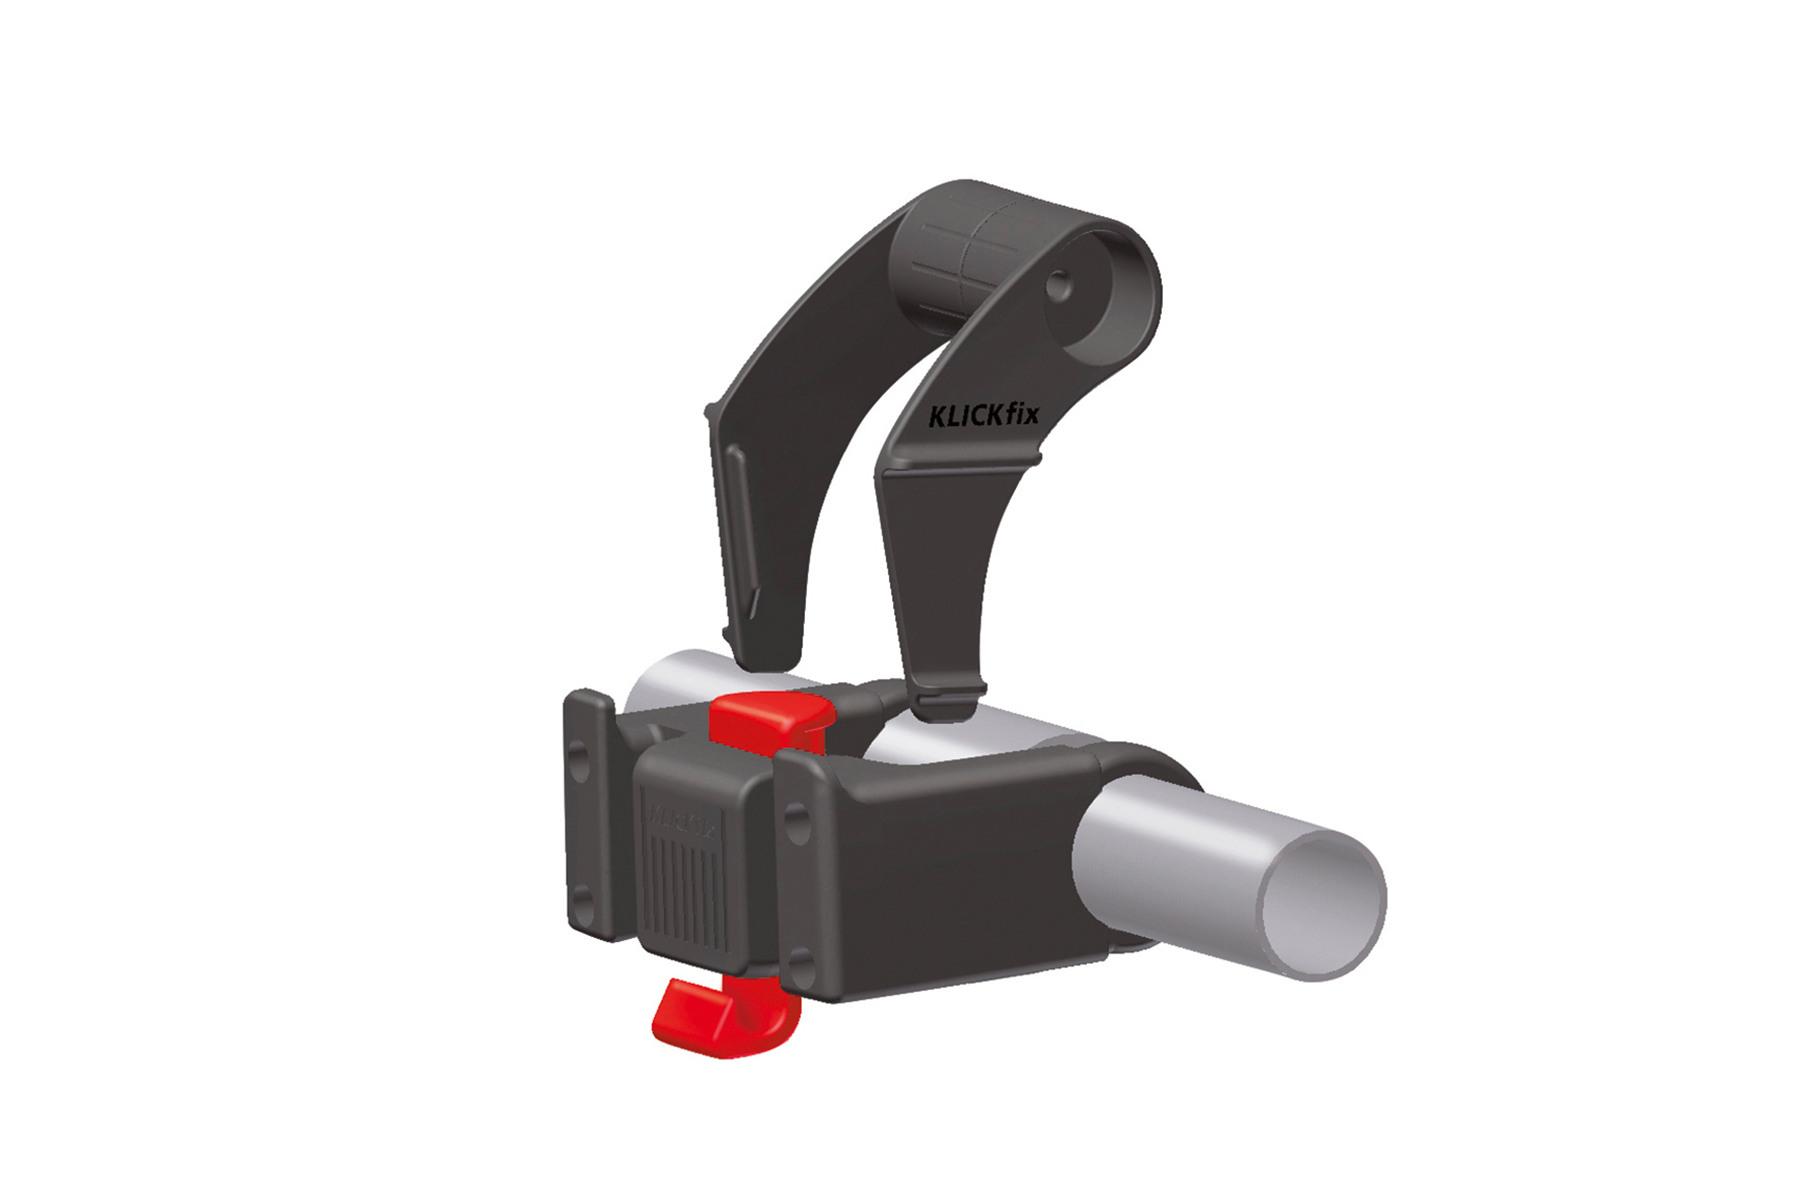 Porte-accessoires KLICKfix pour adaptateur pour cintre mTXTw9p